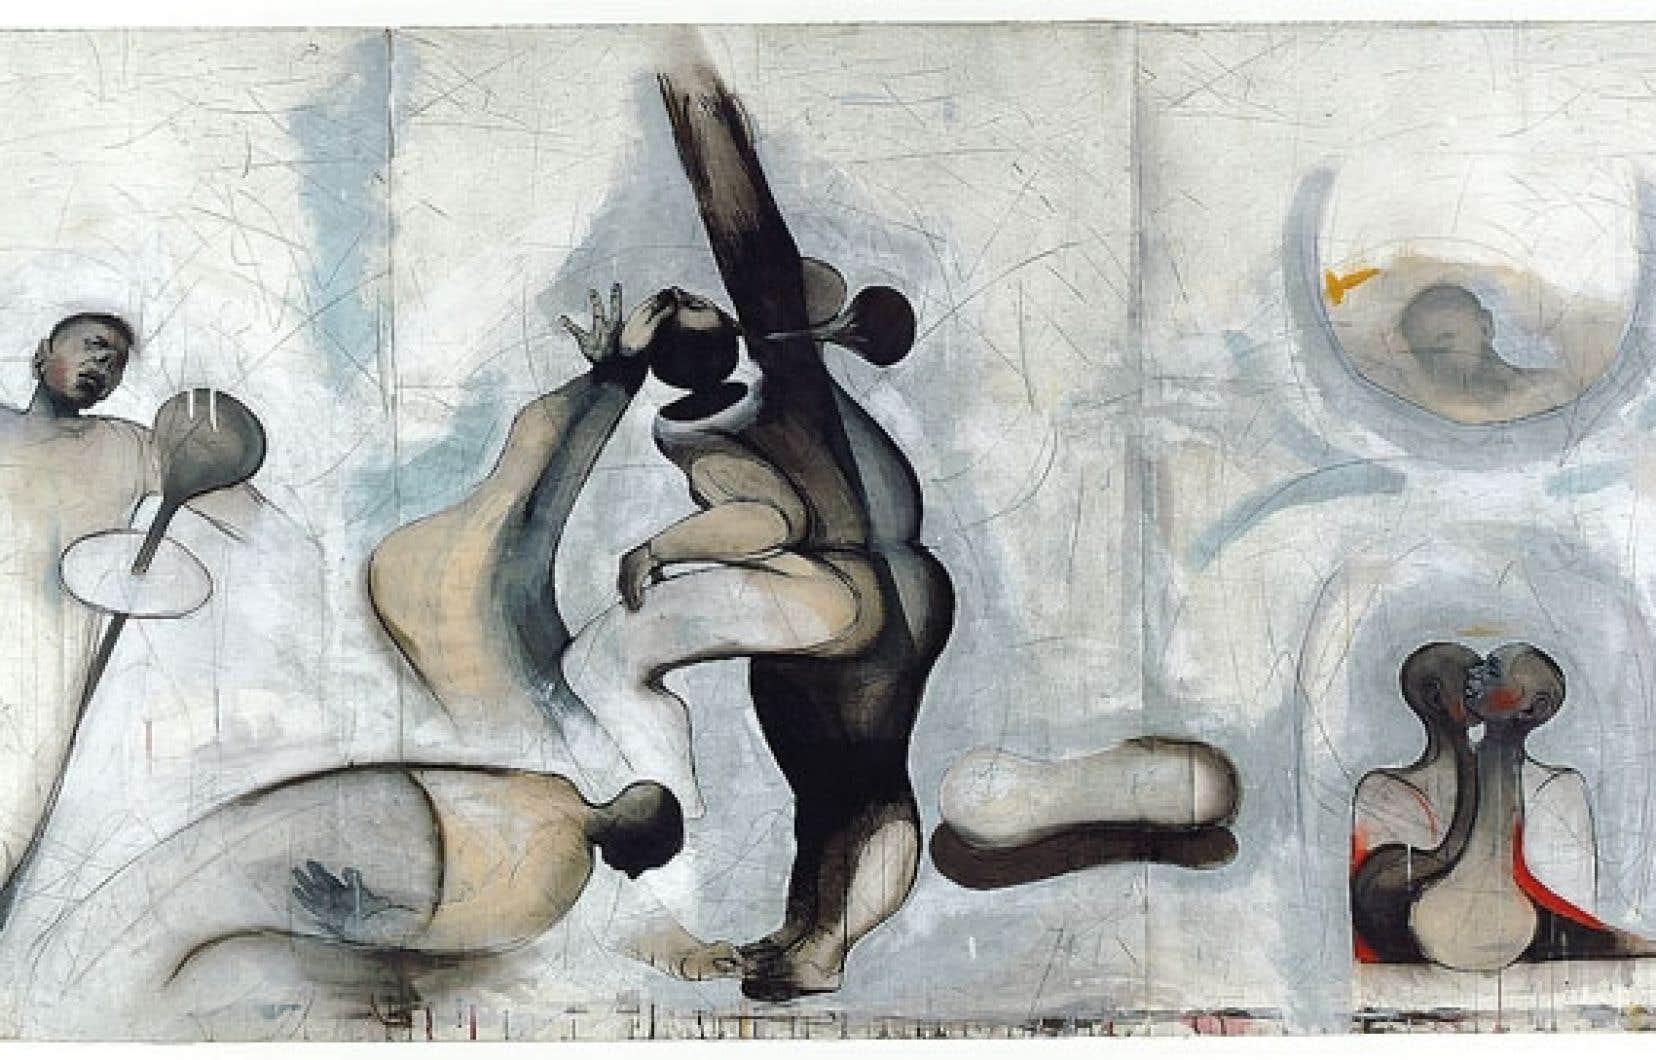 Le théâtre implacable du monde, 1992, pierre noire, acrylique et gesso sur papier (passage sous presse), 112 x 242 cm.